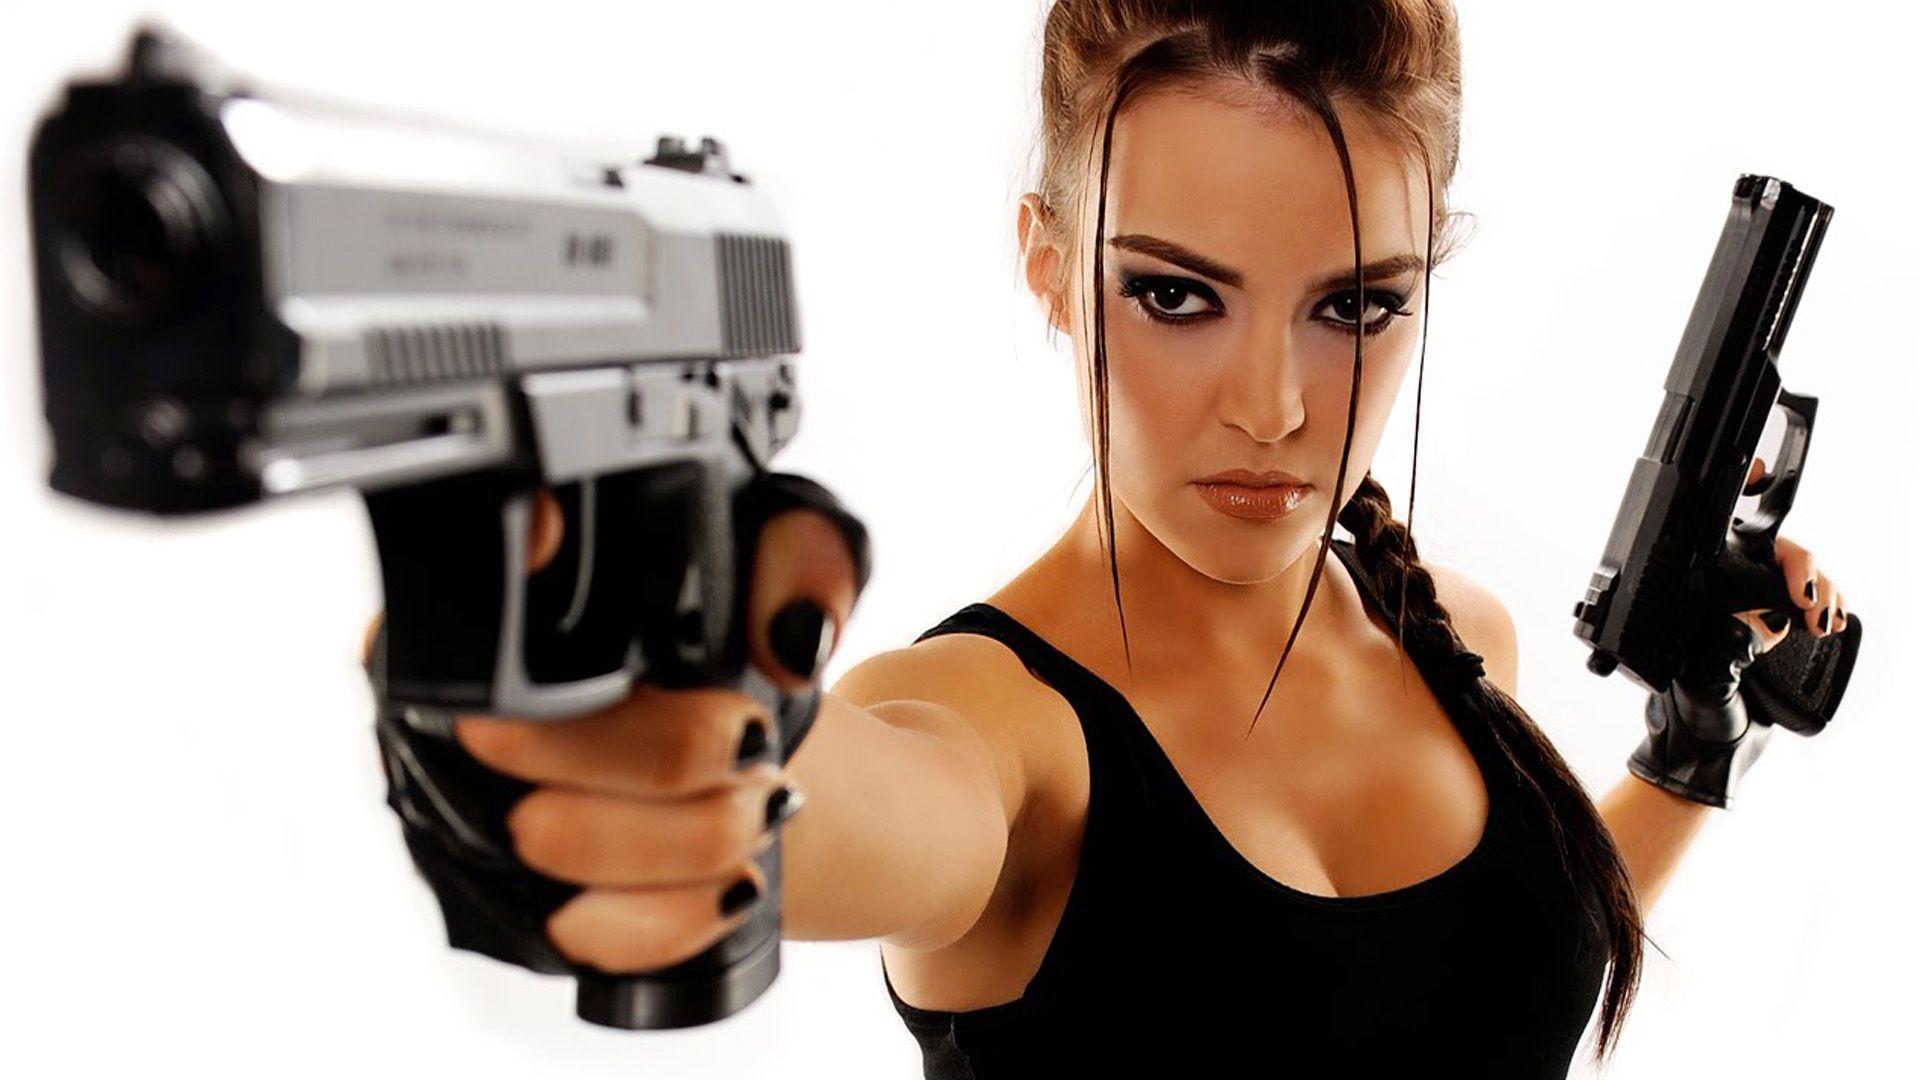 Copia di beautiful girl with guns high definition wallpaper